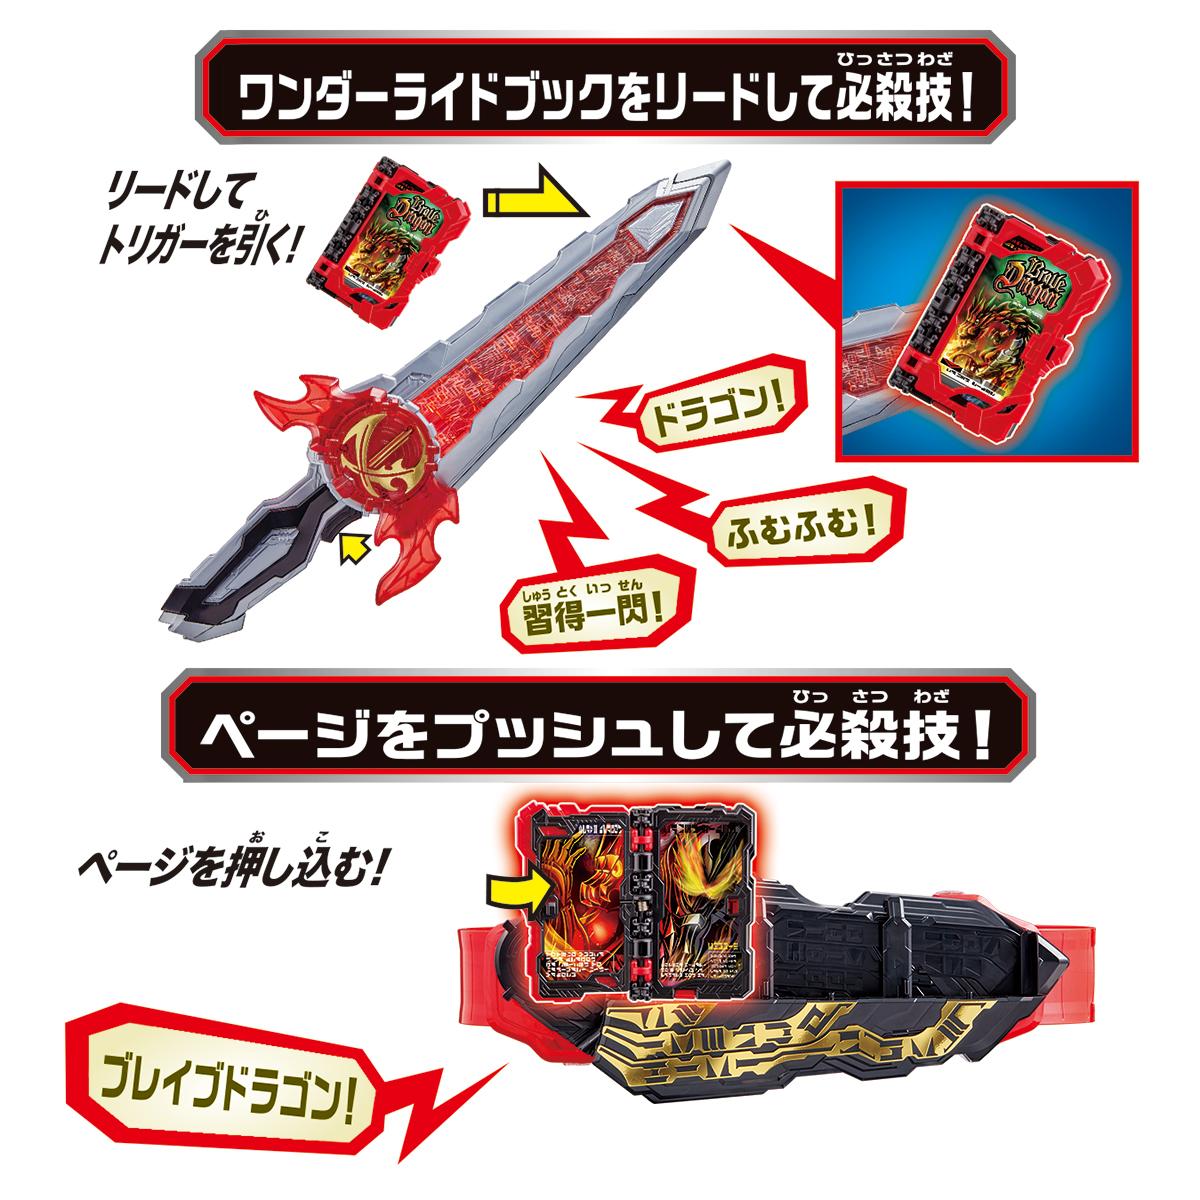 変身ベルト『DX聖剣ソードライバー』仮面ライダーセイバー 変身なりきり-006